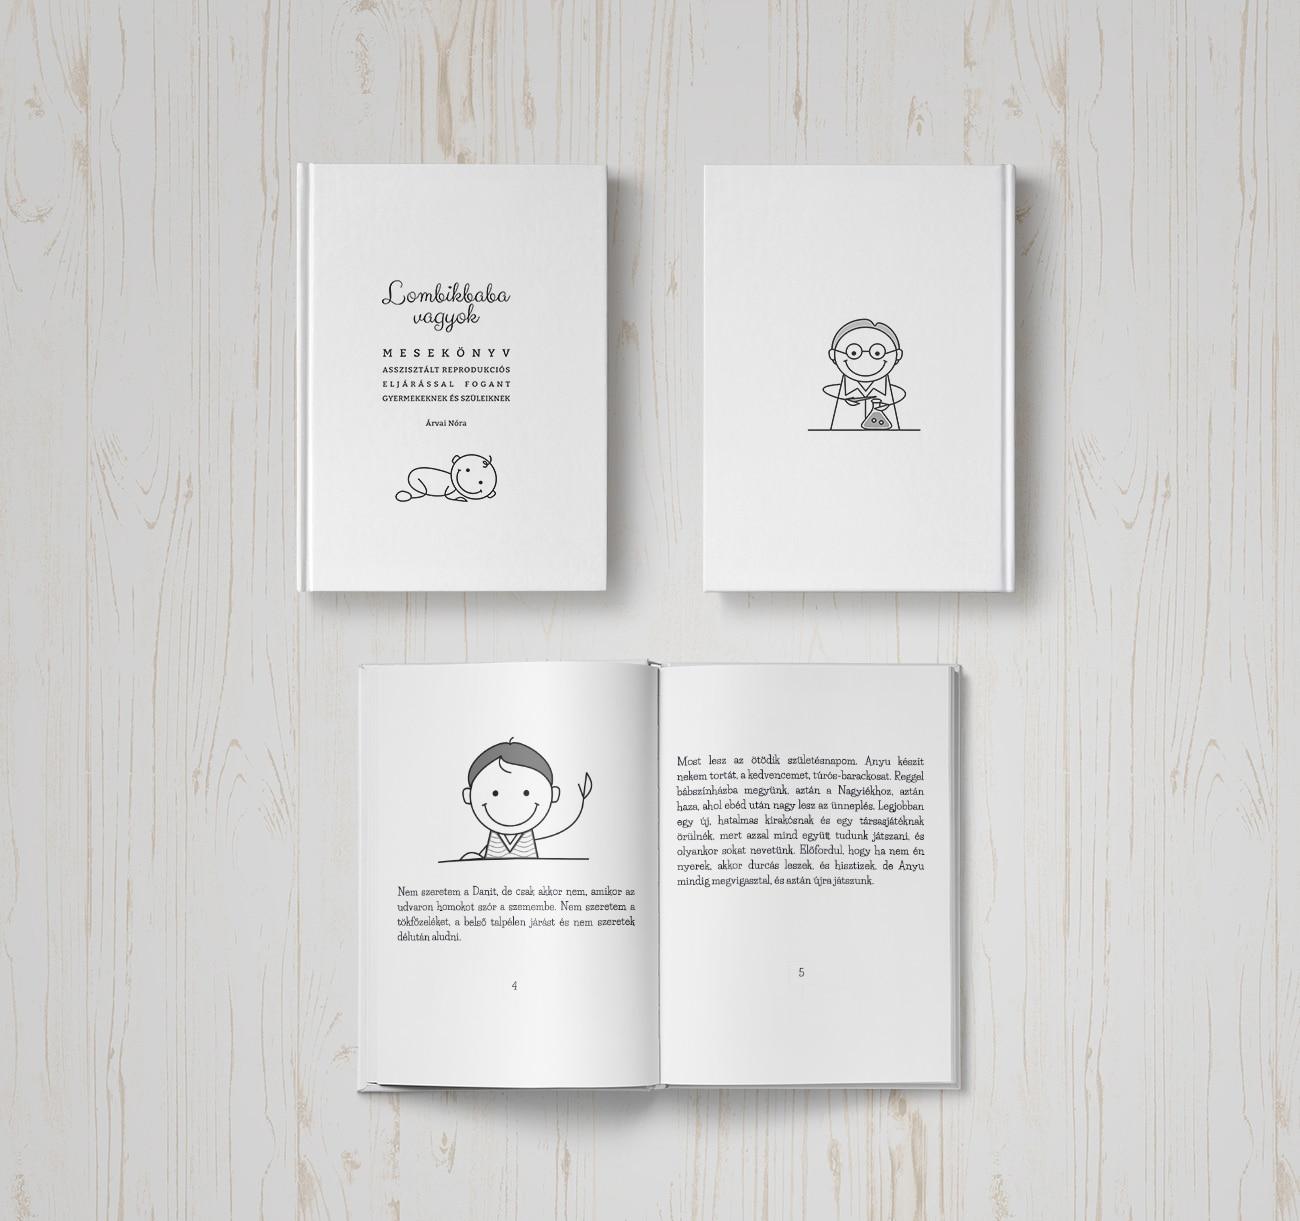 lombikbook2